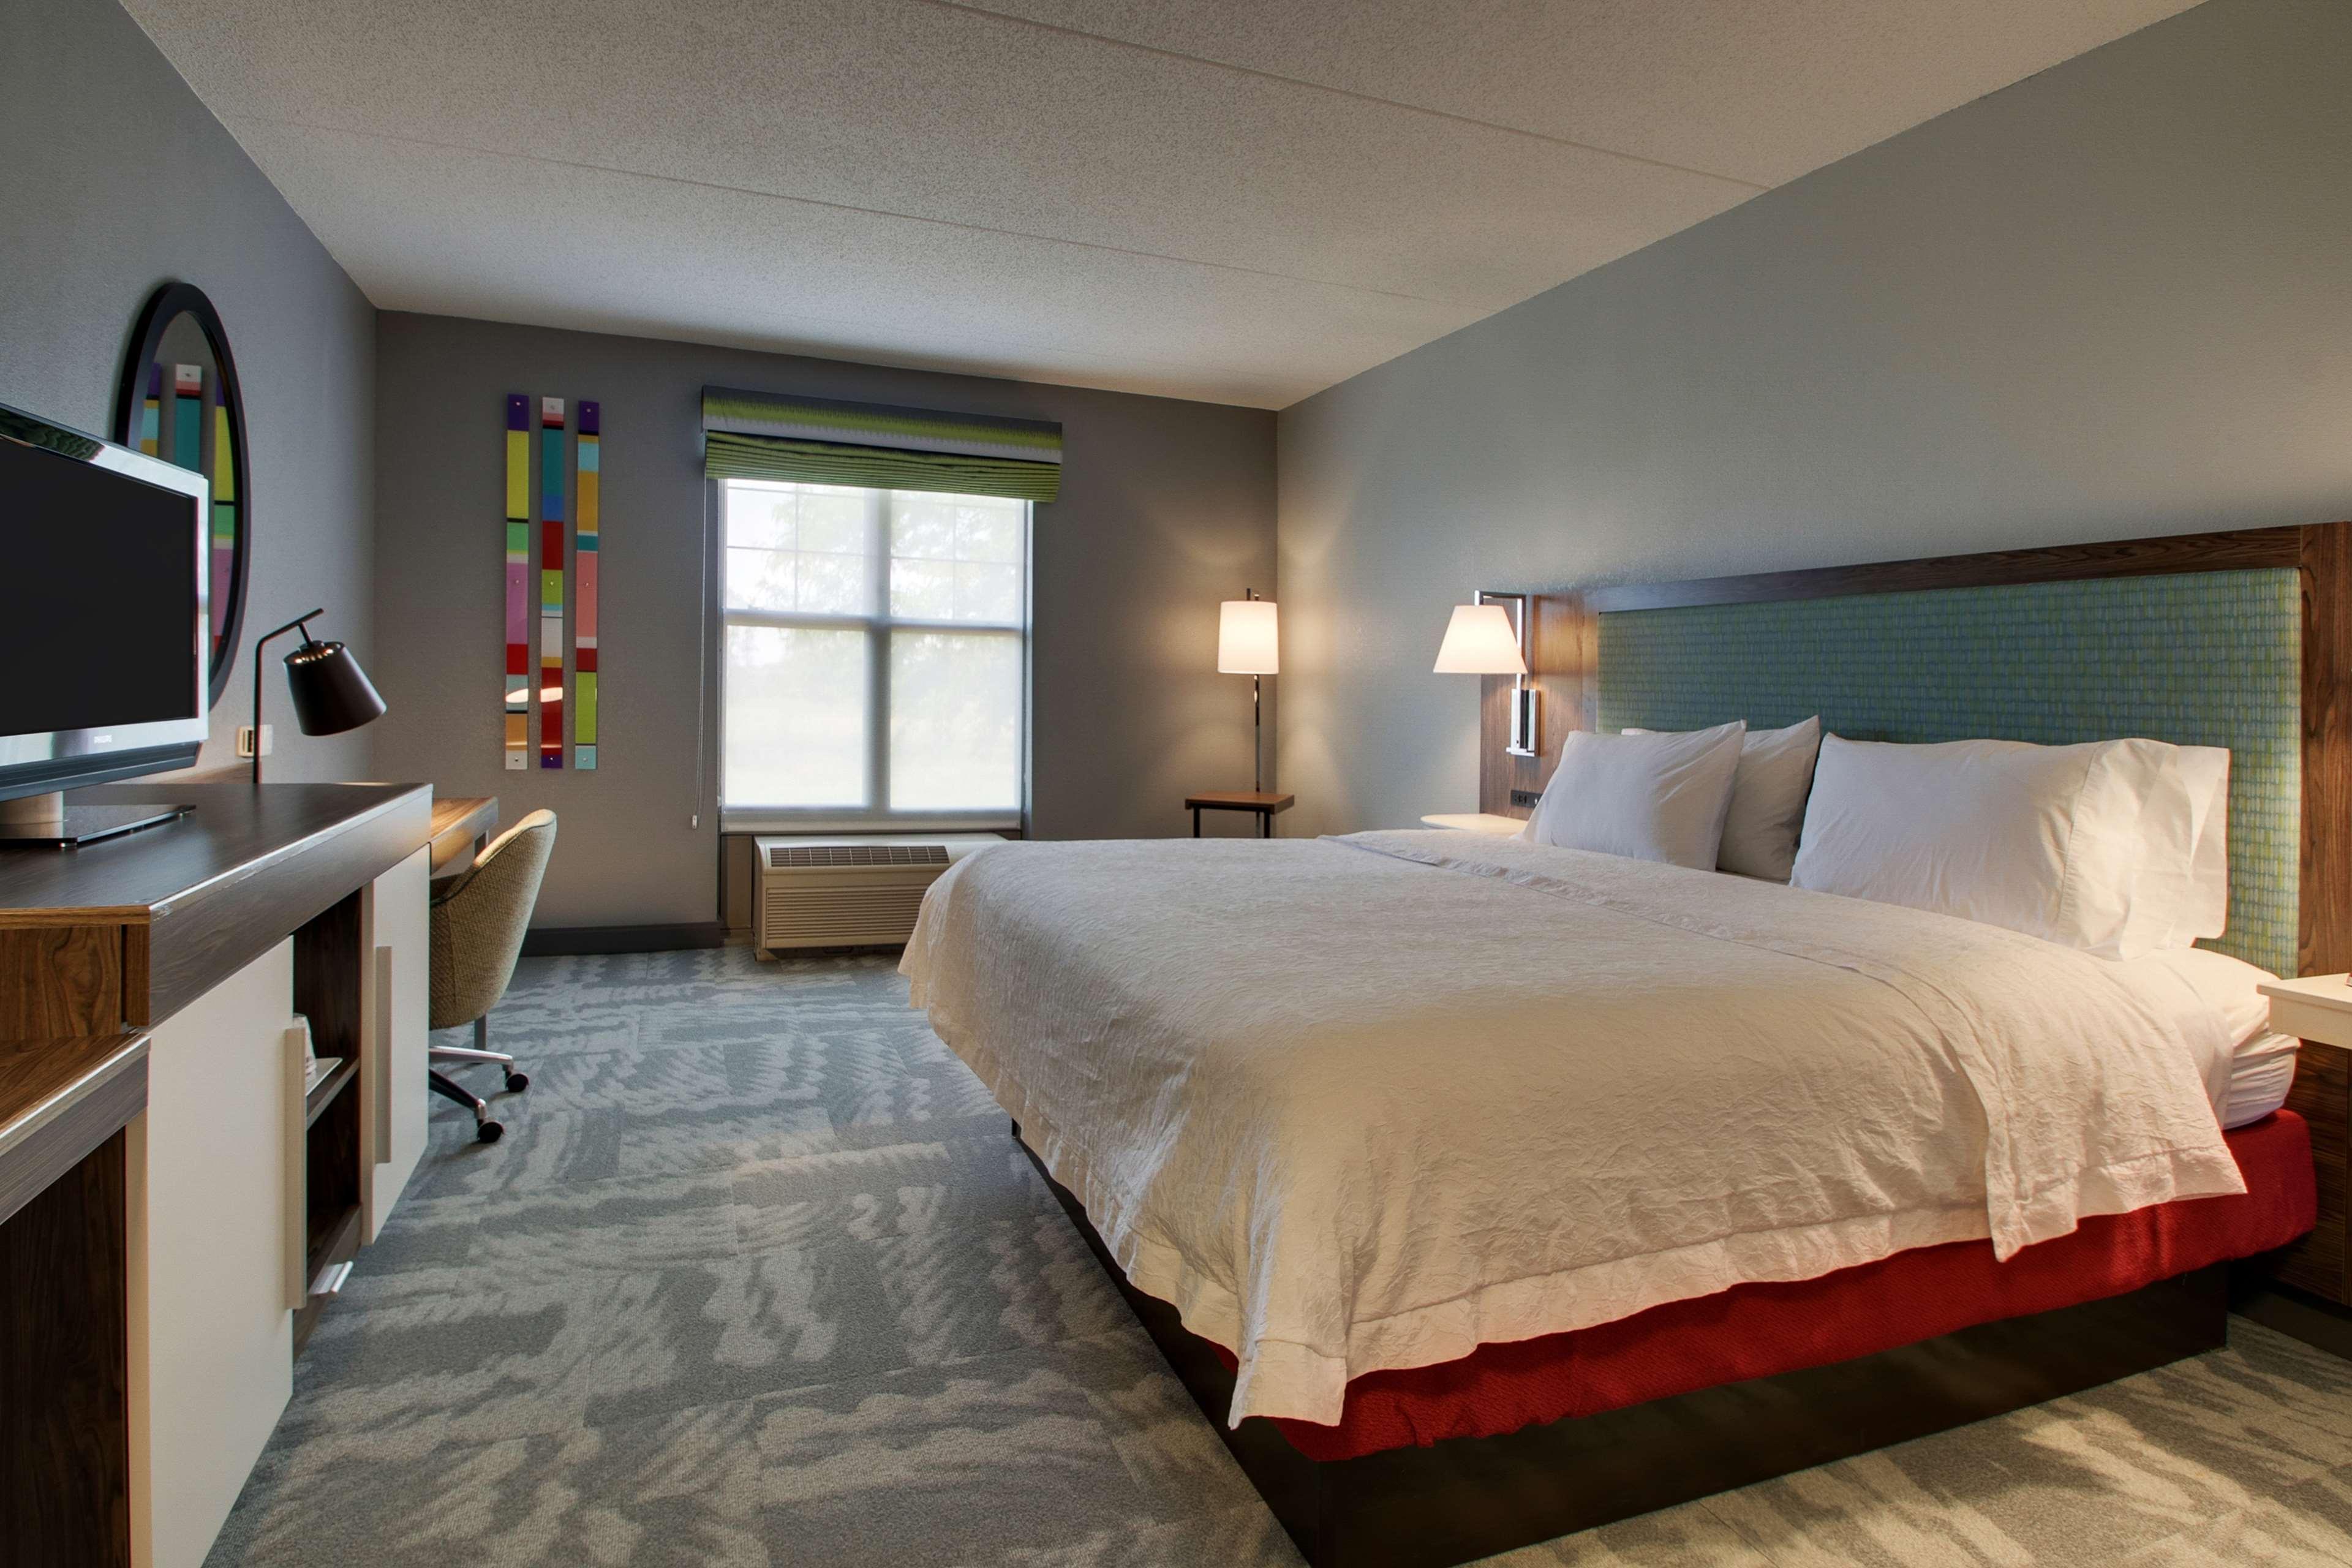 Hampton Inn & Suites Chicago/Aurora image 19